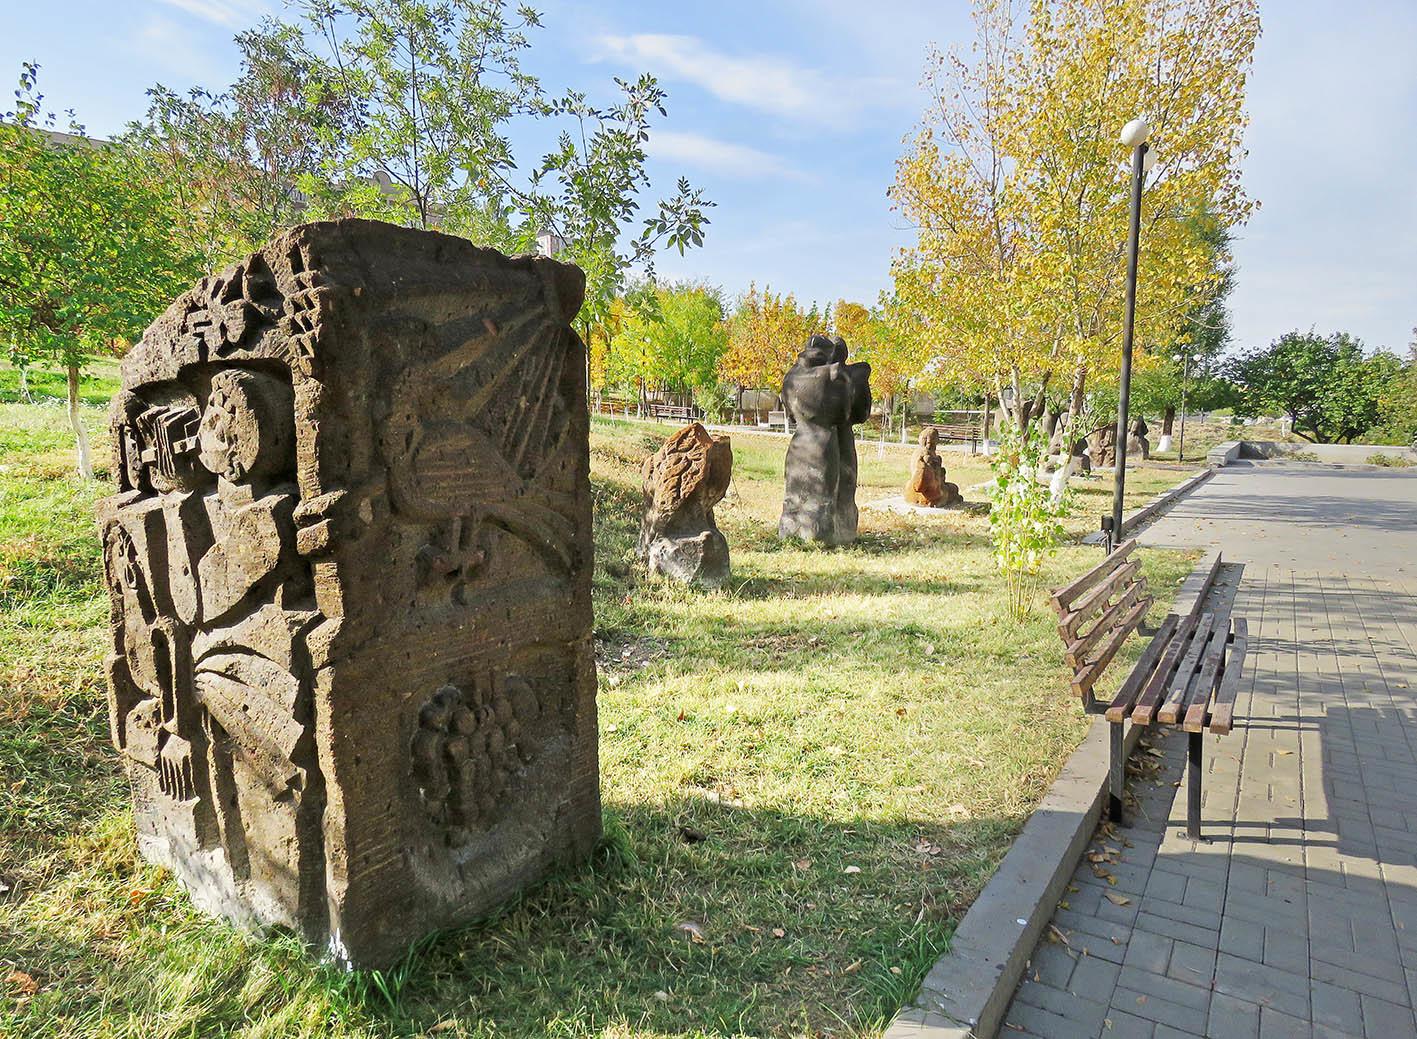 Ереван. Часть 10: Нор-Норк, Аван, Канакер Армения,казаки,дорожное,индустриальный гигант